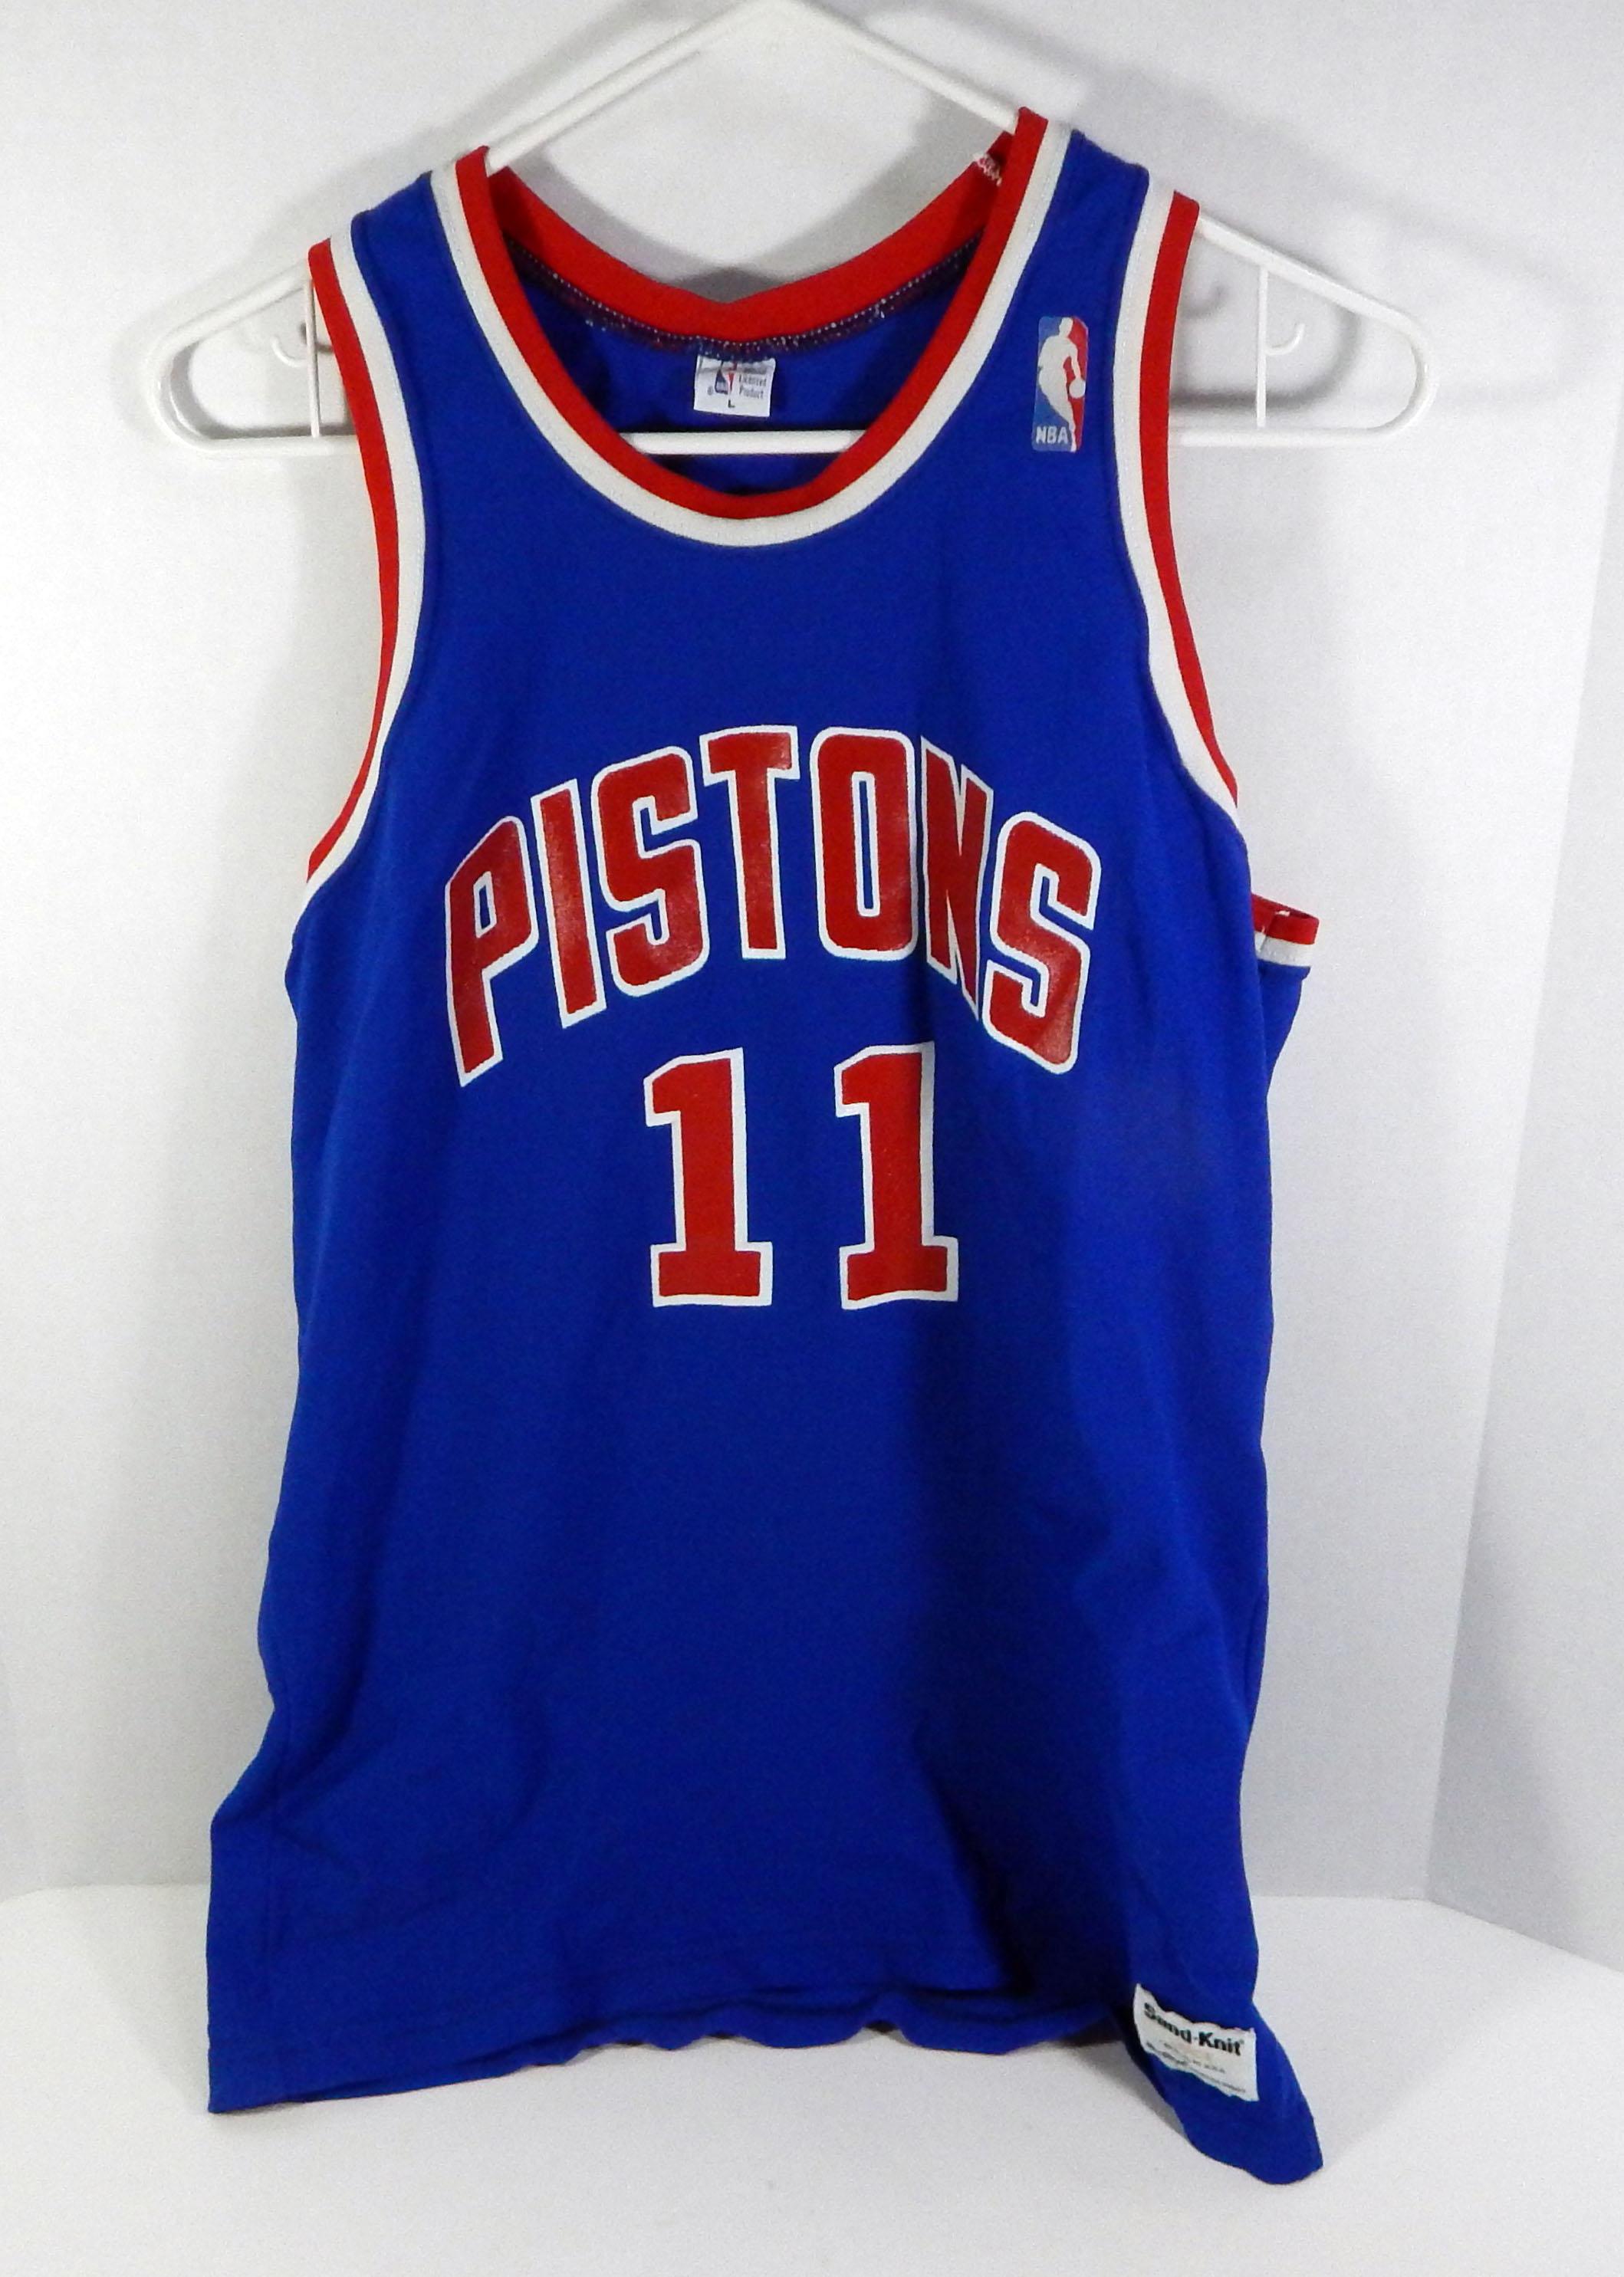 8d1cdf2d446 Image is loading Vintage-Detroit-Pistons-Isaiah-Thomas-11-Replica-Blue-